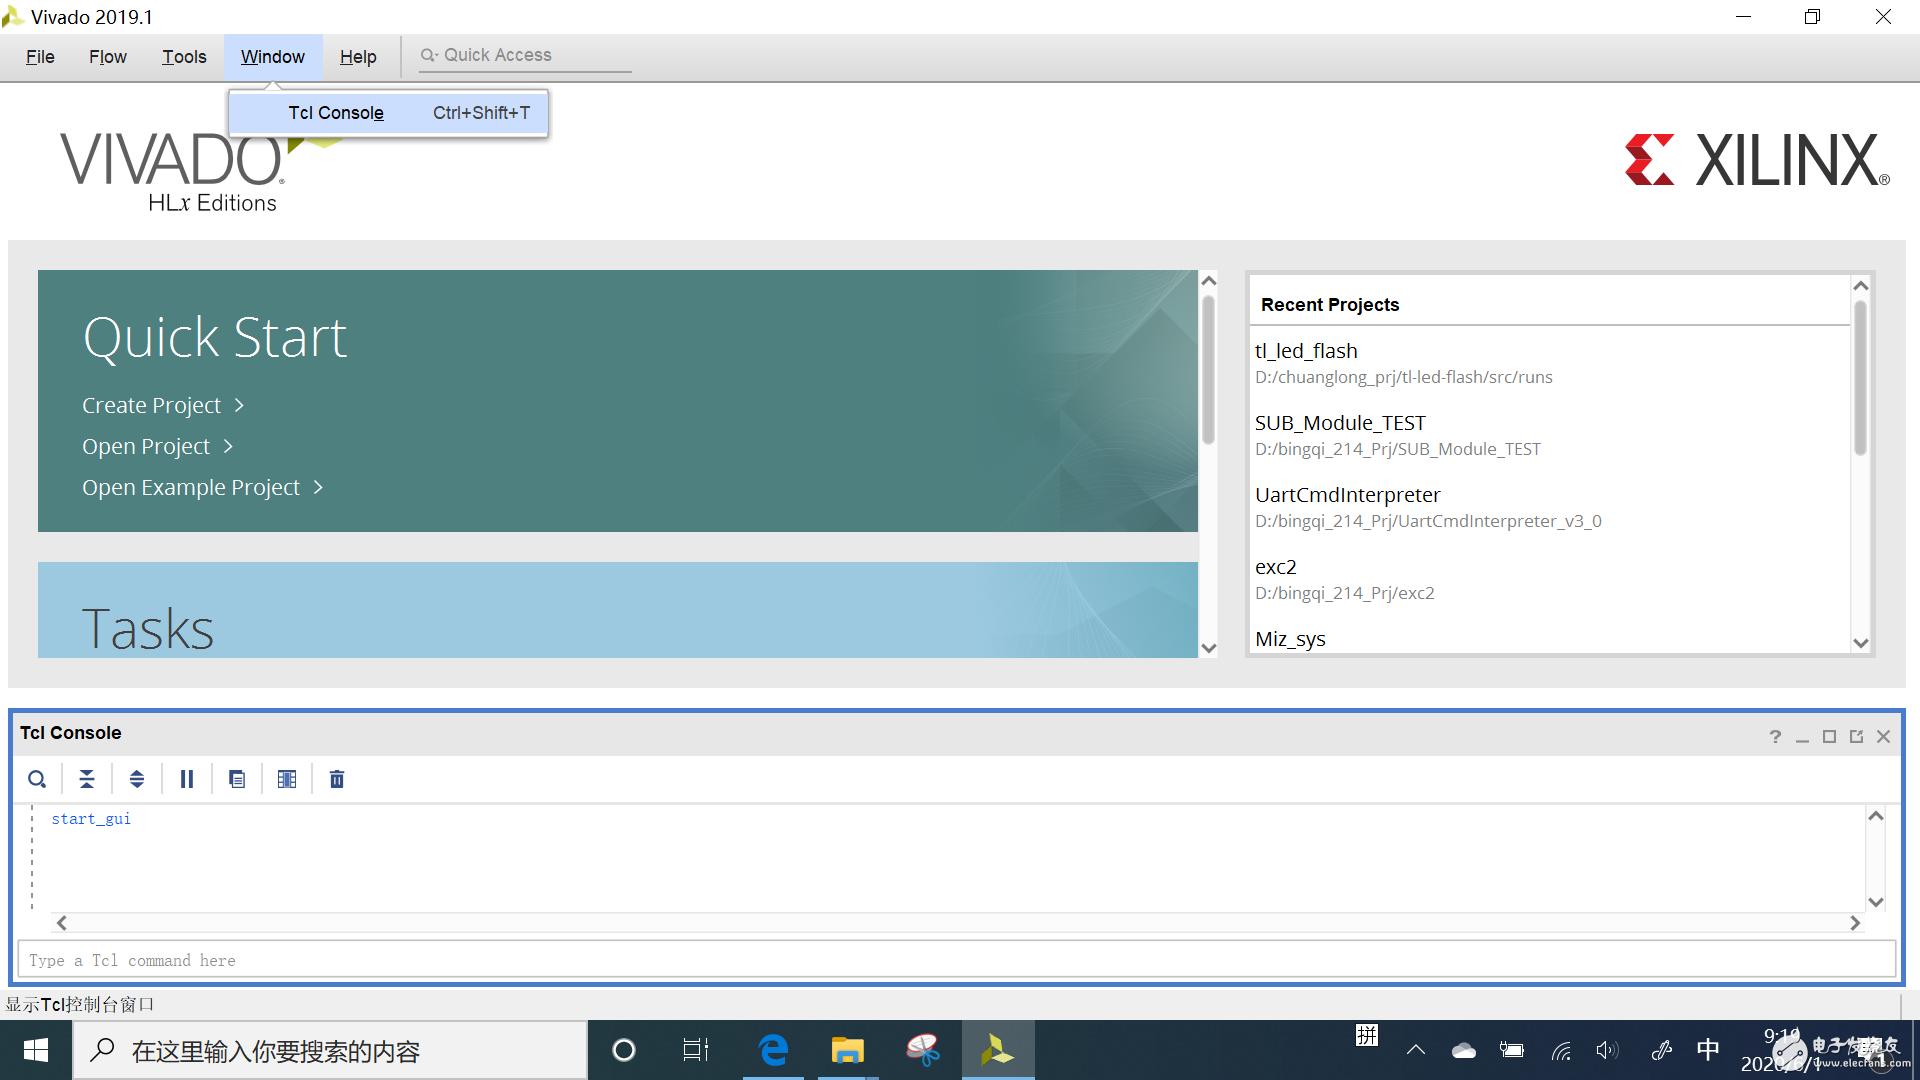 【创龙TLZ7x-EasyEVM评估板试用连载】02 TCL文件导入创建工程与PL部分LED例程测试